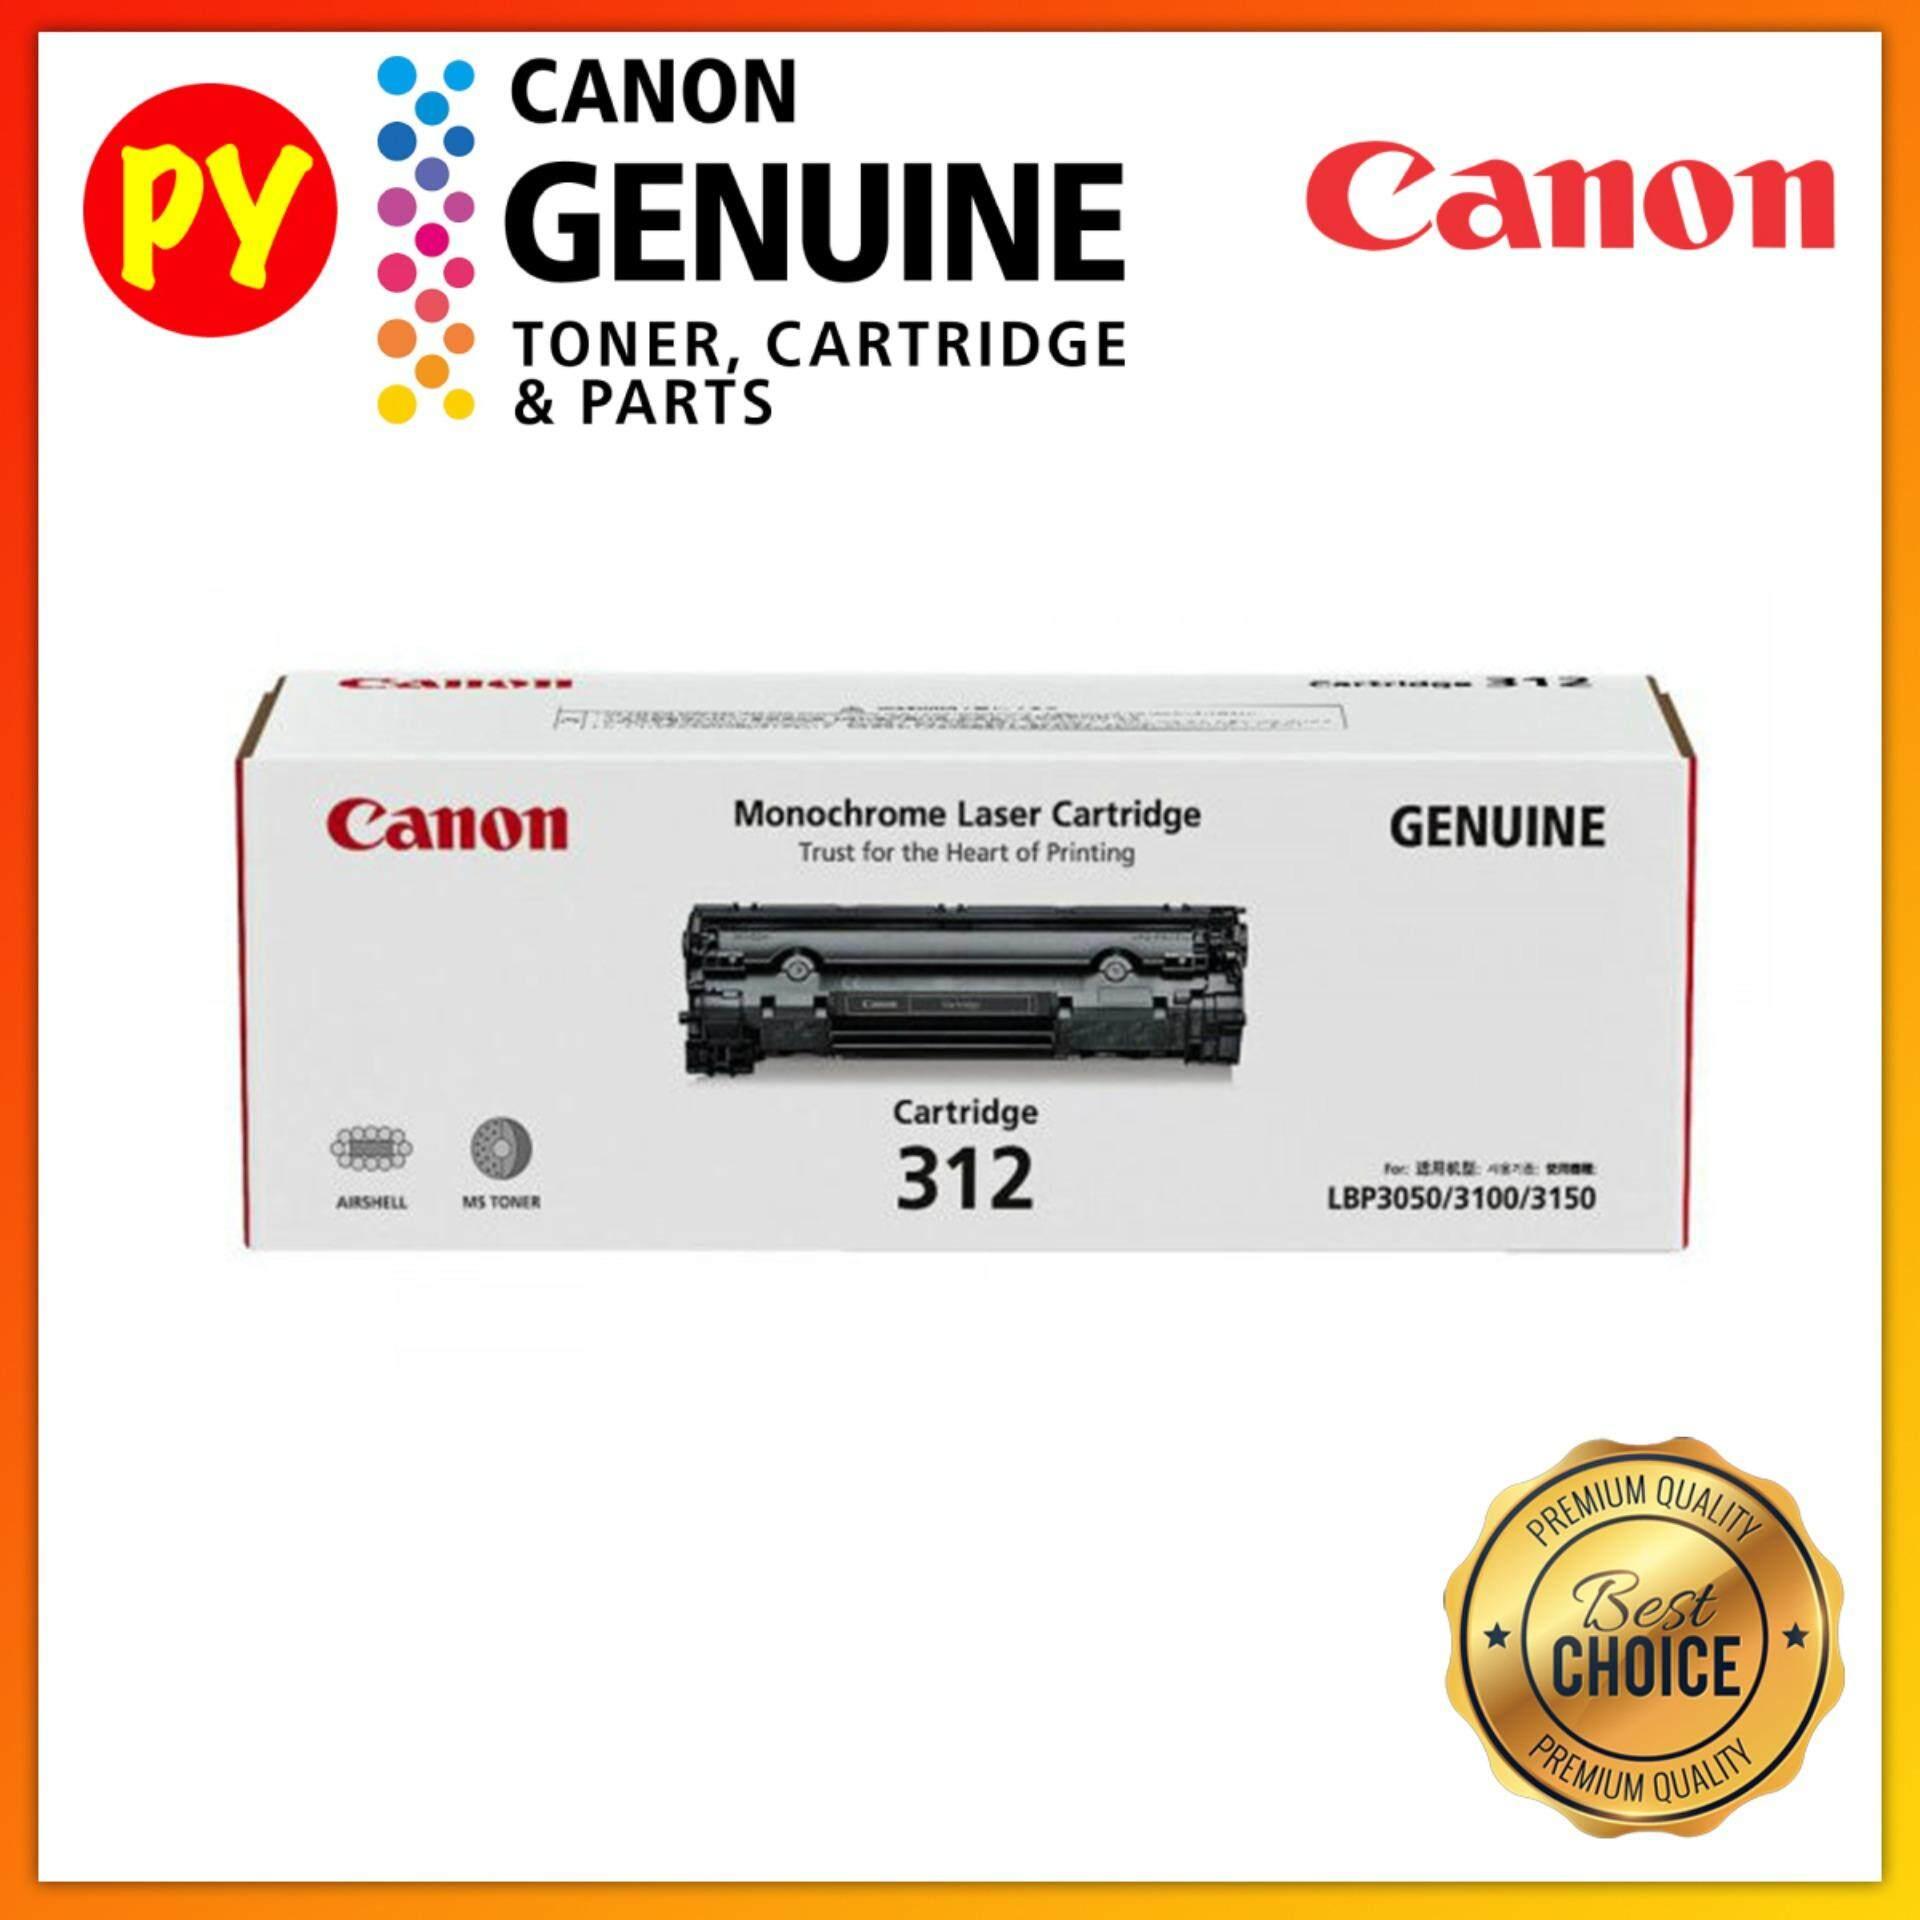 Canon Cartridge 312 Black Original Laser Toner - for Canon LBP3050 / LBP3100 / LBP 3150